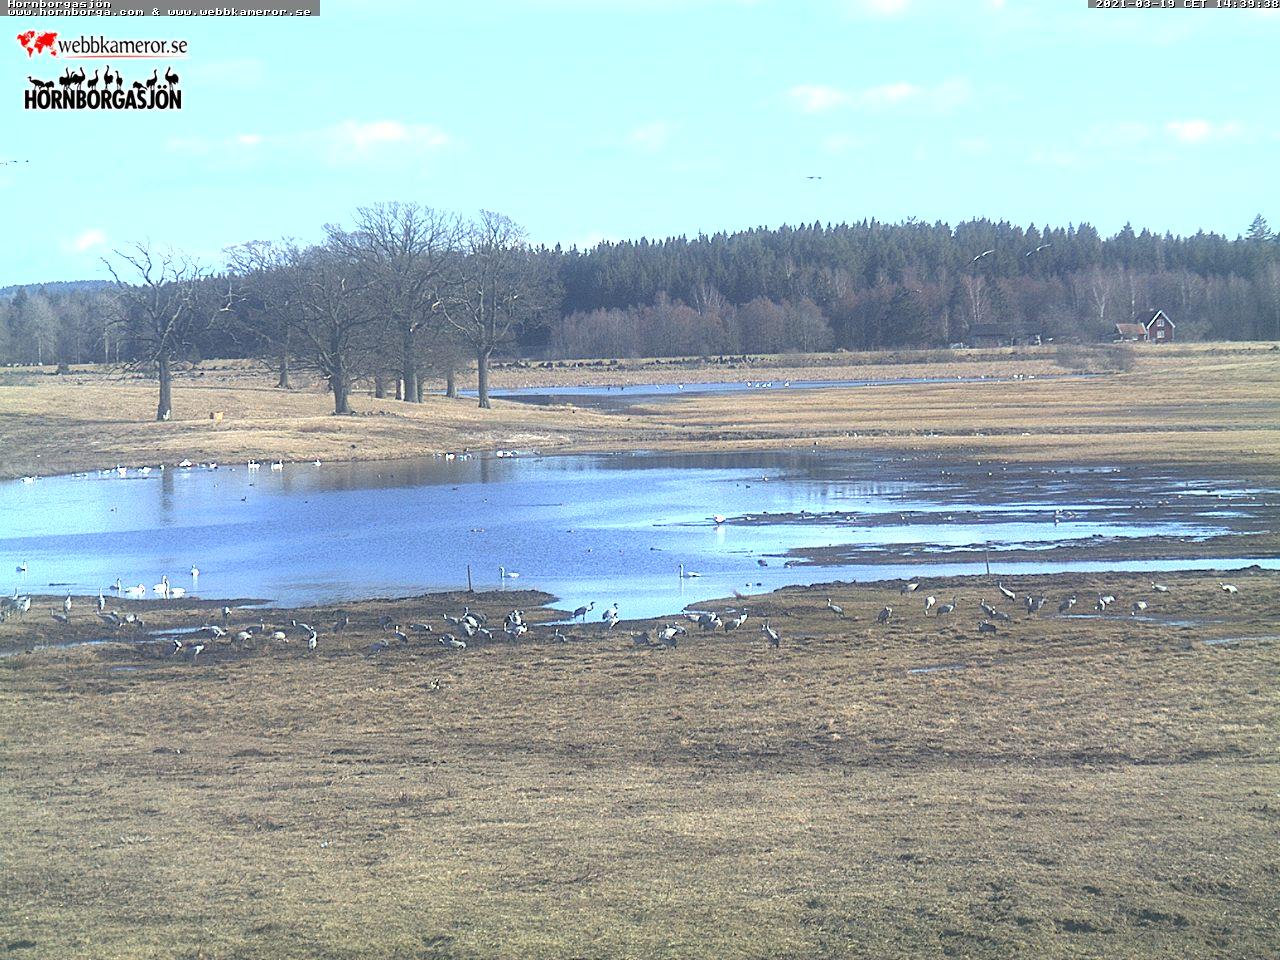 Webbkamera vid Trandansen, Hornborgasjön